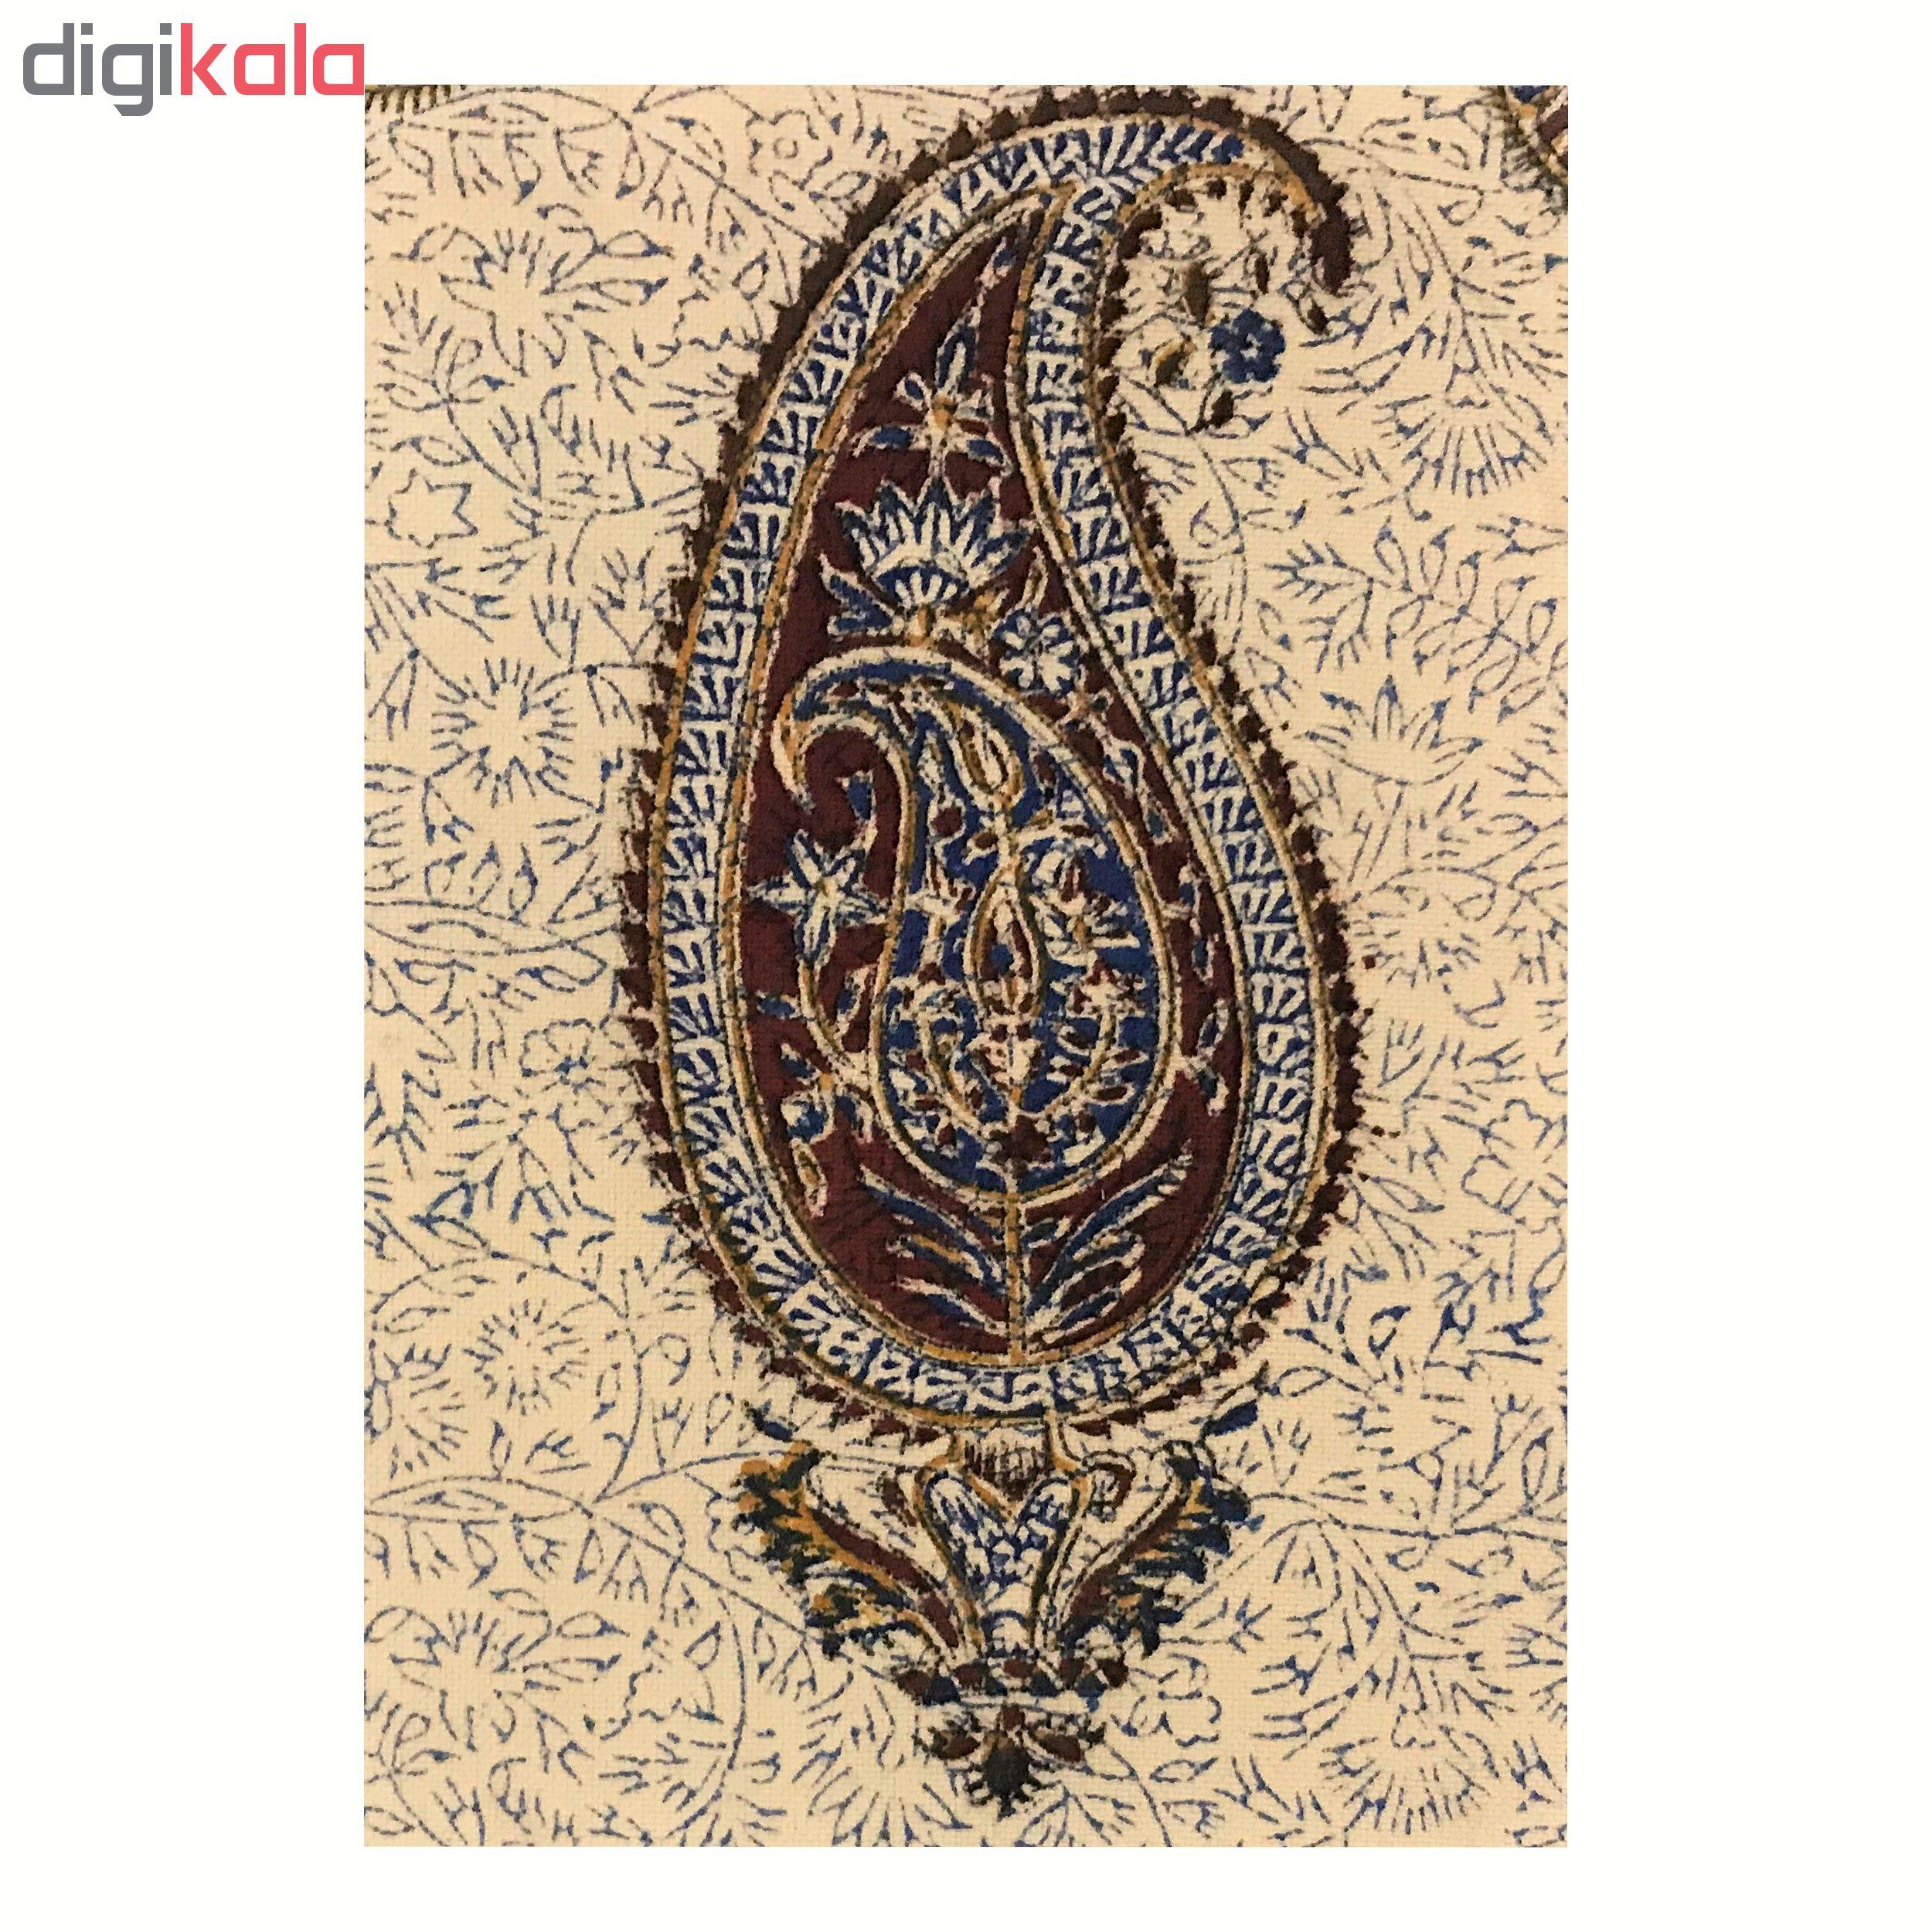 رومیزی قلمکار ممتاز اصفهان اثر عطريان طرح تک بته مدل G79 سایز 30*50 سانتی متر